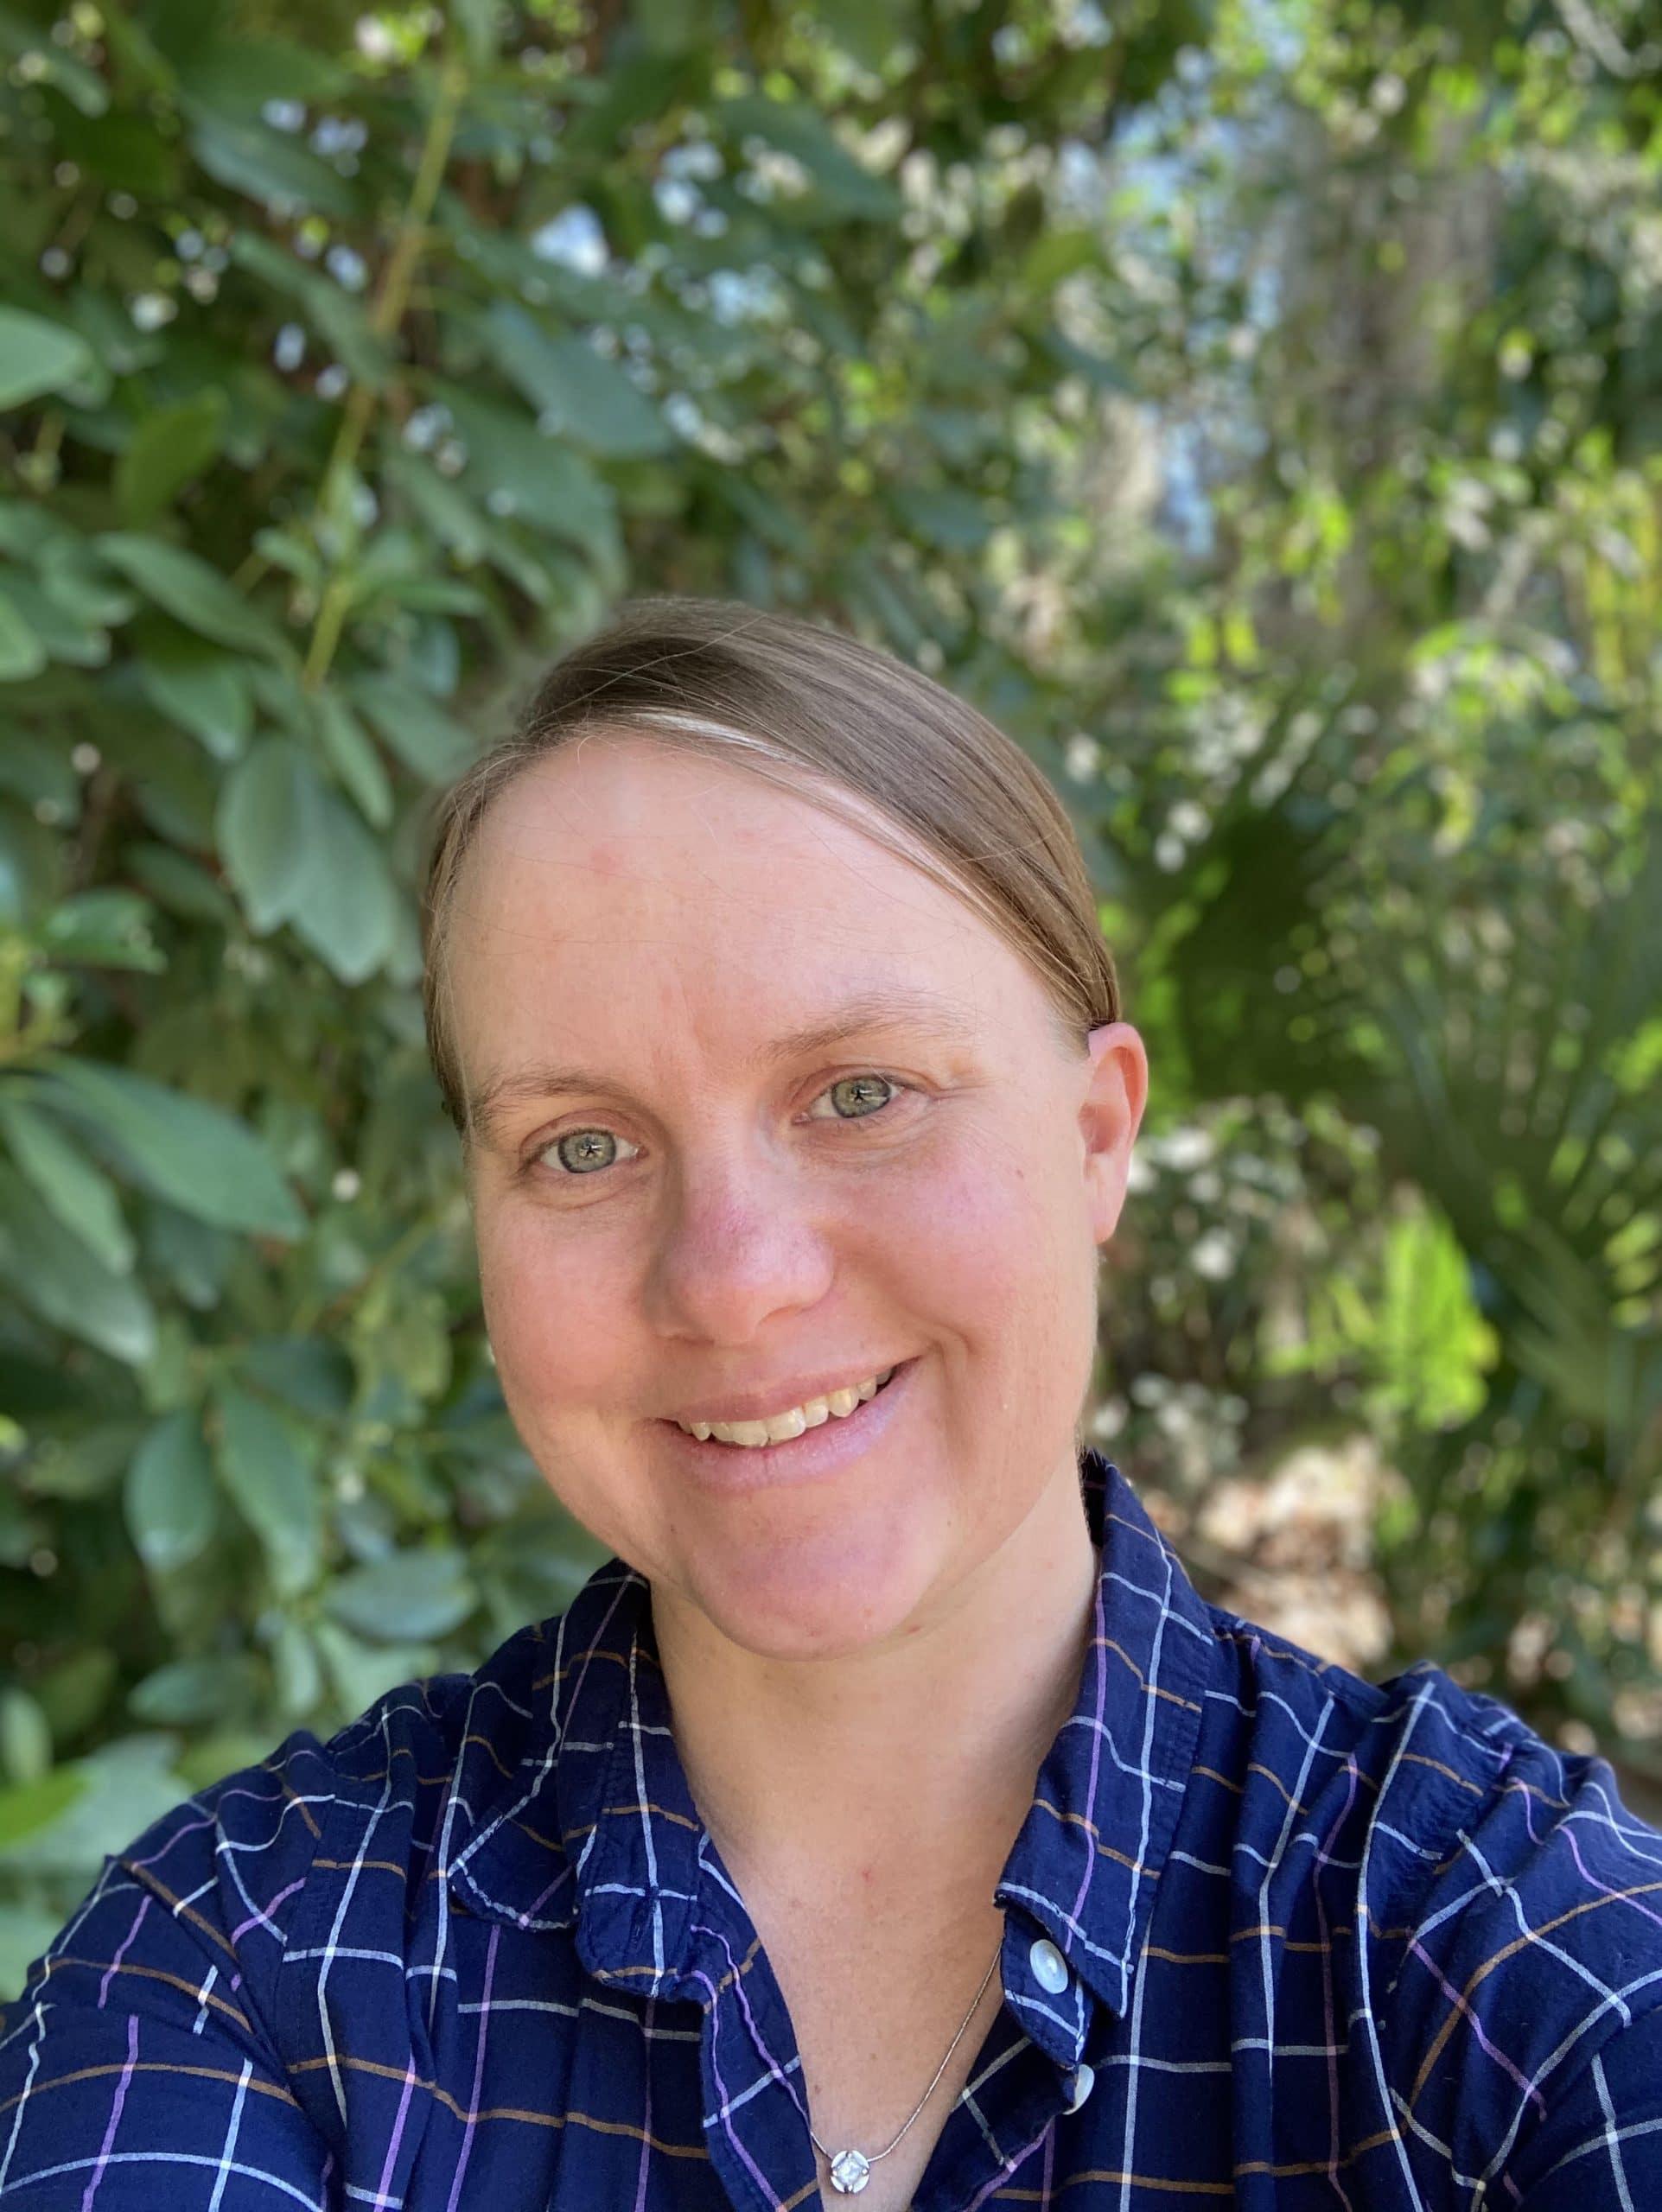 Brittany Olizarowicz